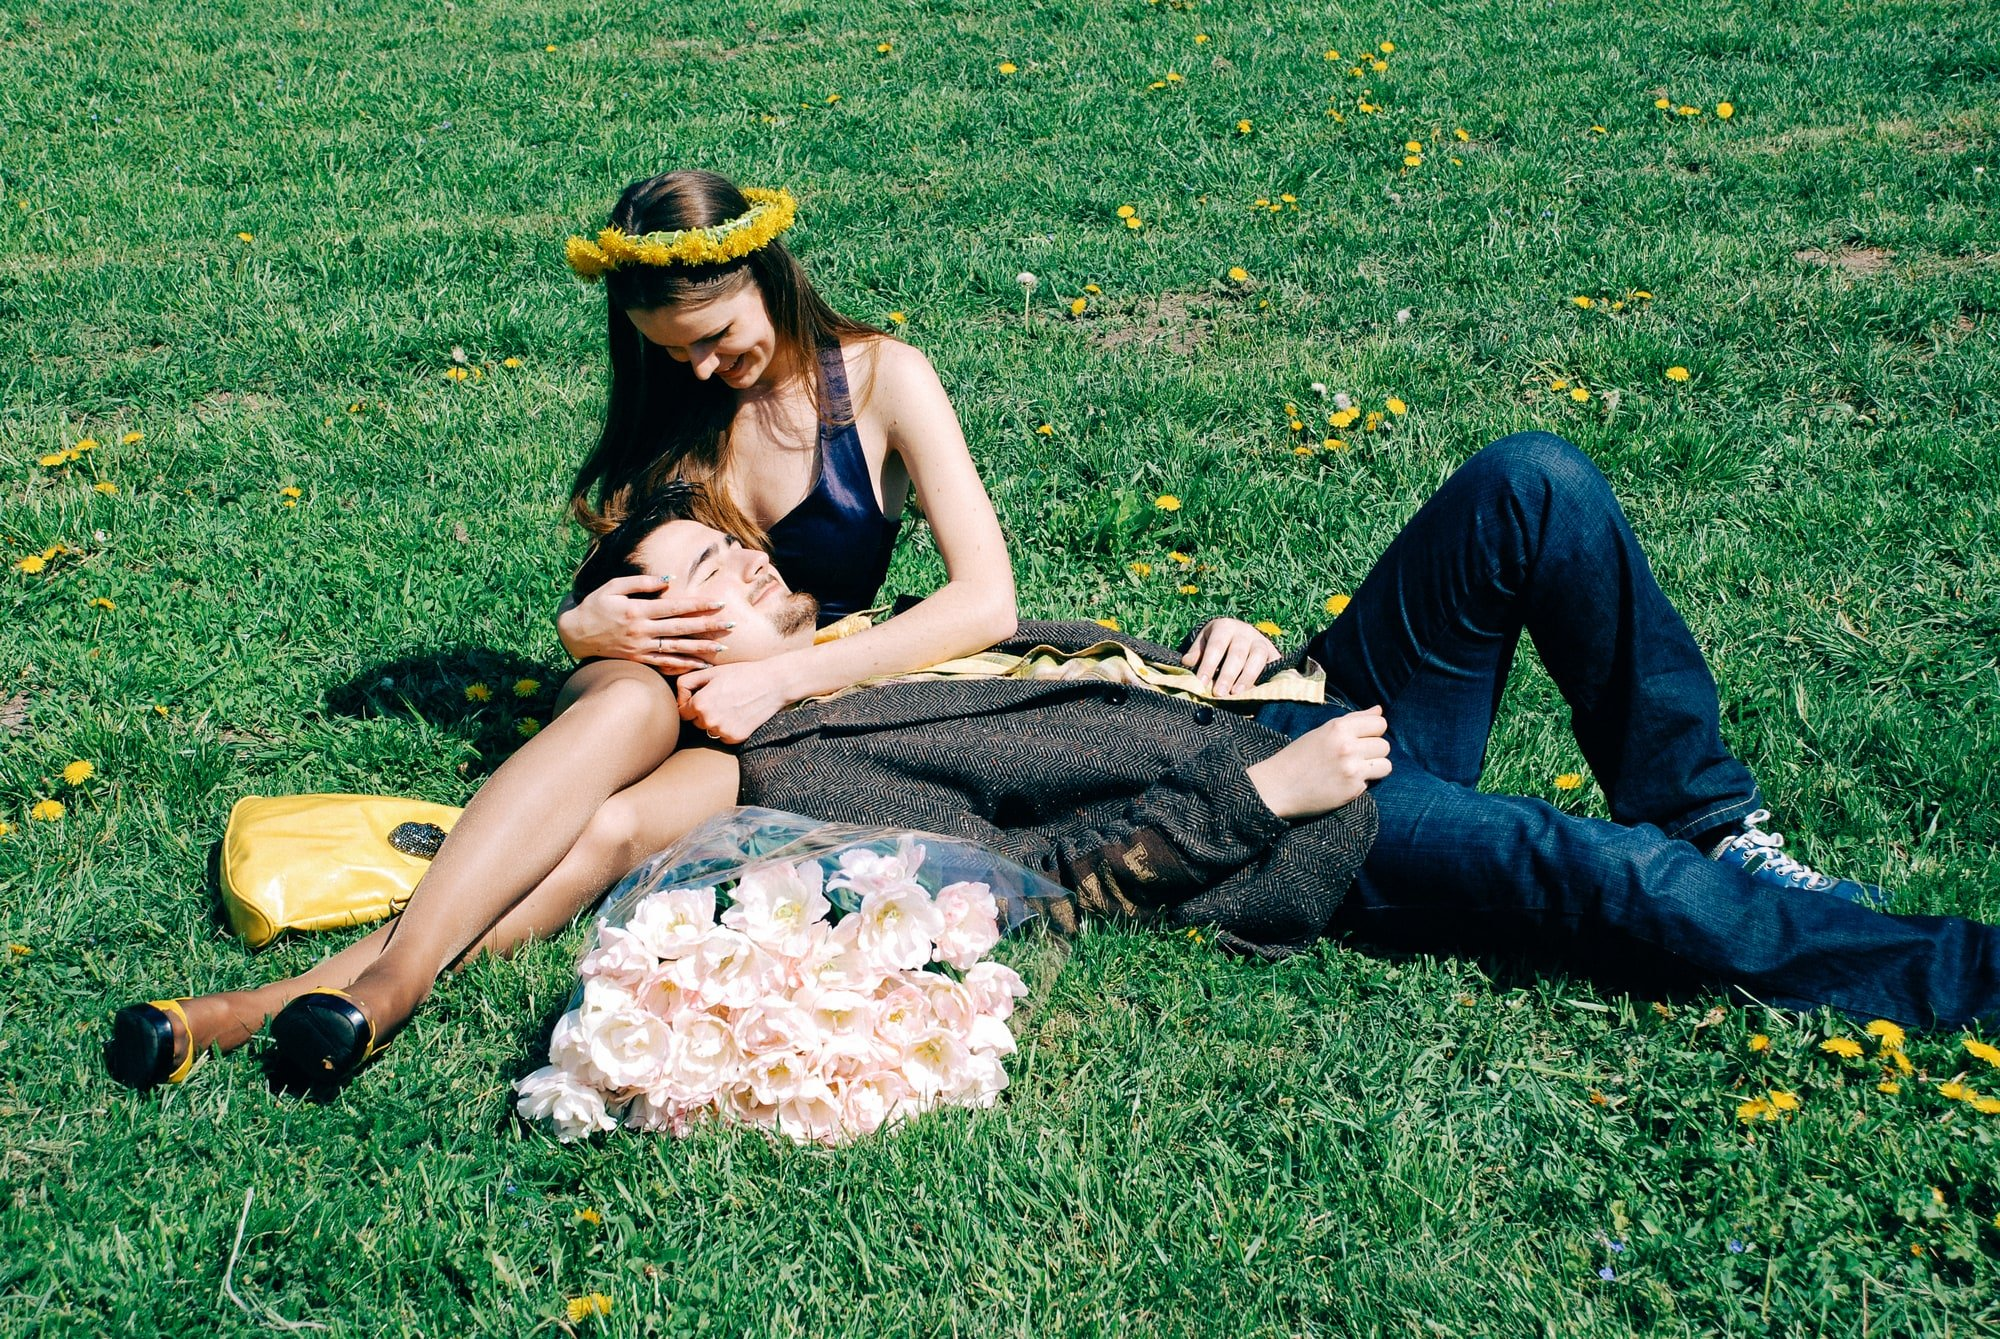 Влюбленные в парке на траве - Фотограф Киев - Женя Лайт